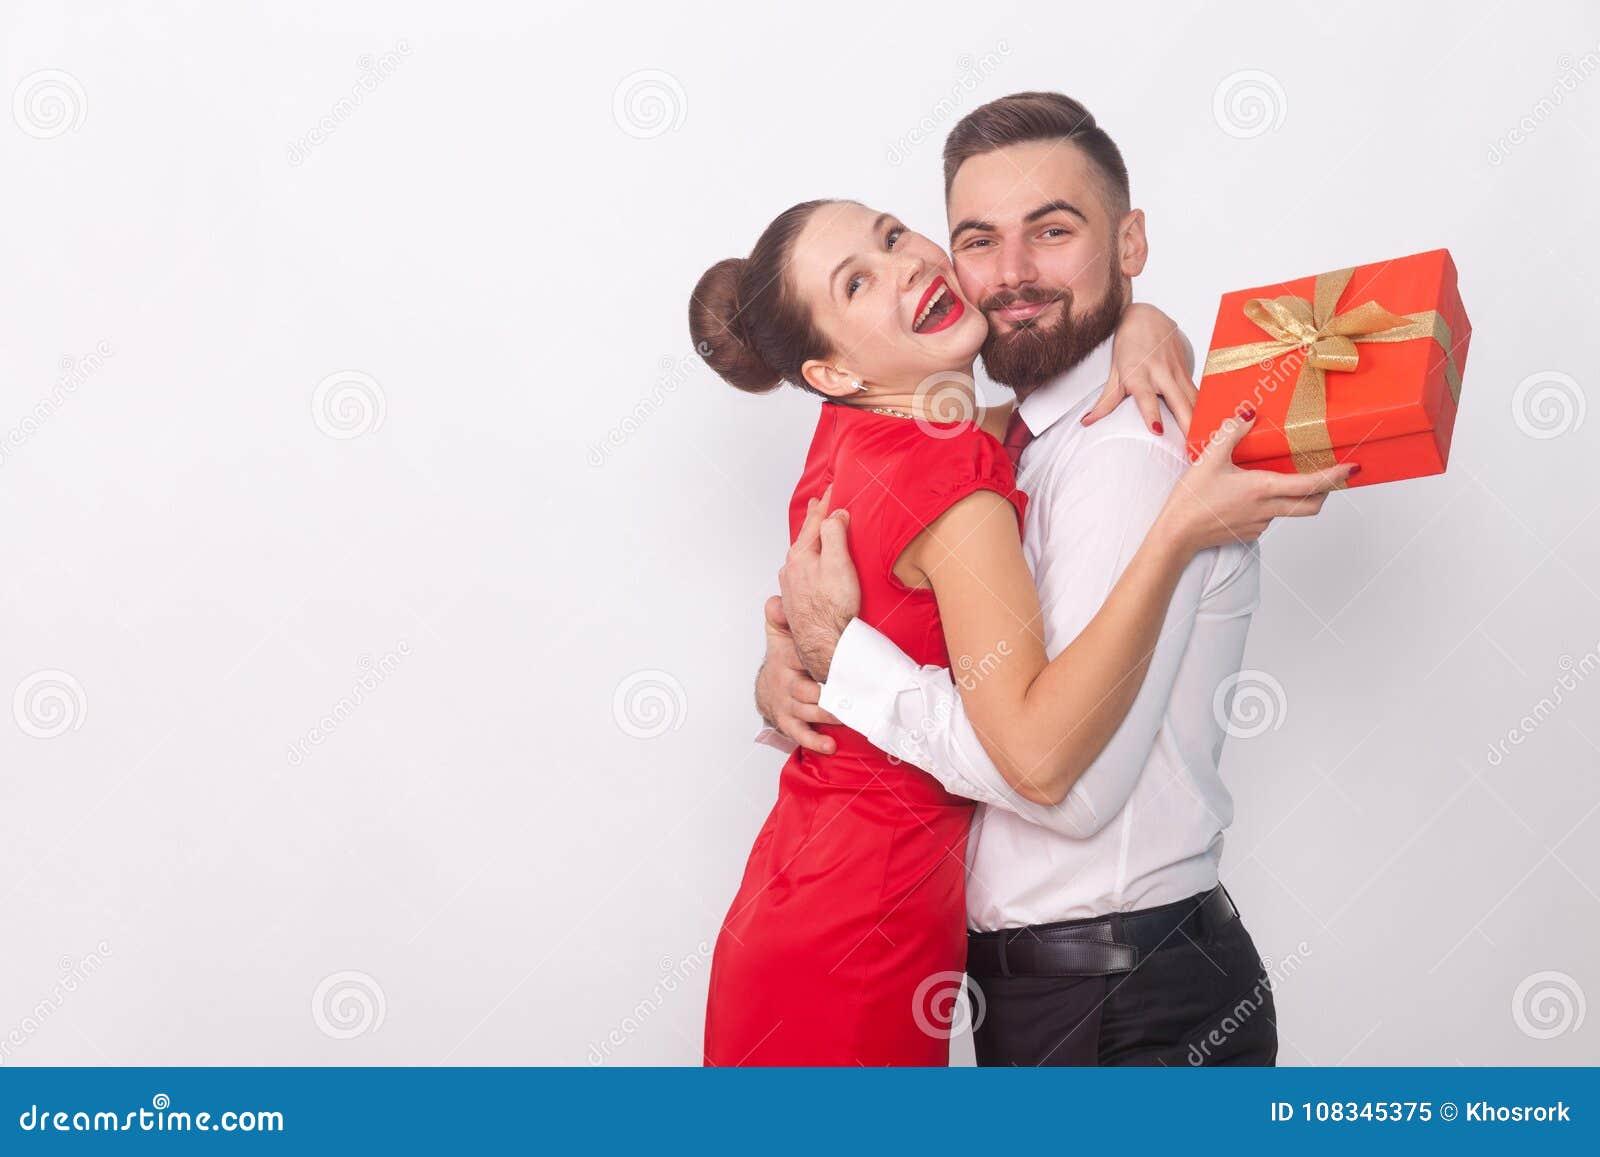 Αυτό παρόν ` s για σας! Ζεύγος που αγκαλιάζει, κιβώτιο δώρων εκμετάλλευσης γυναικών